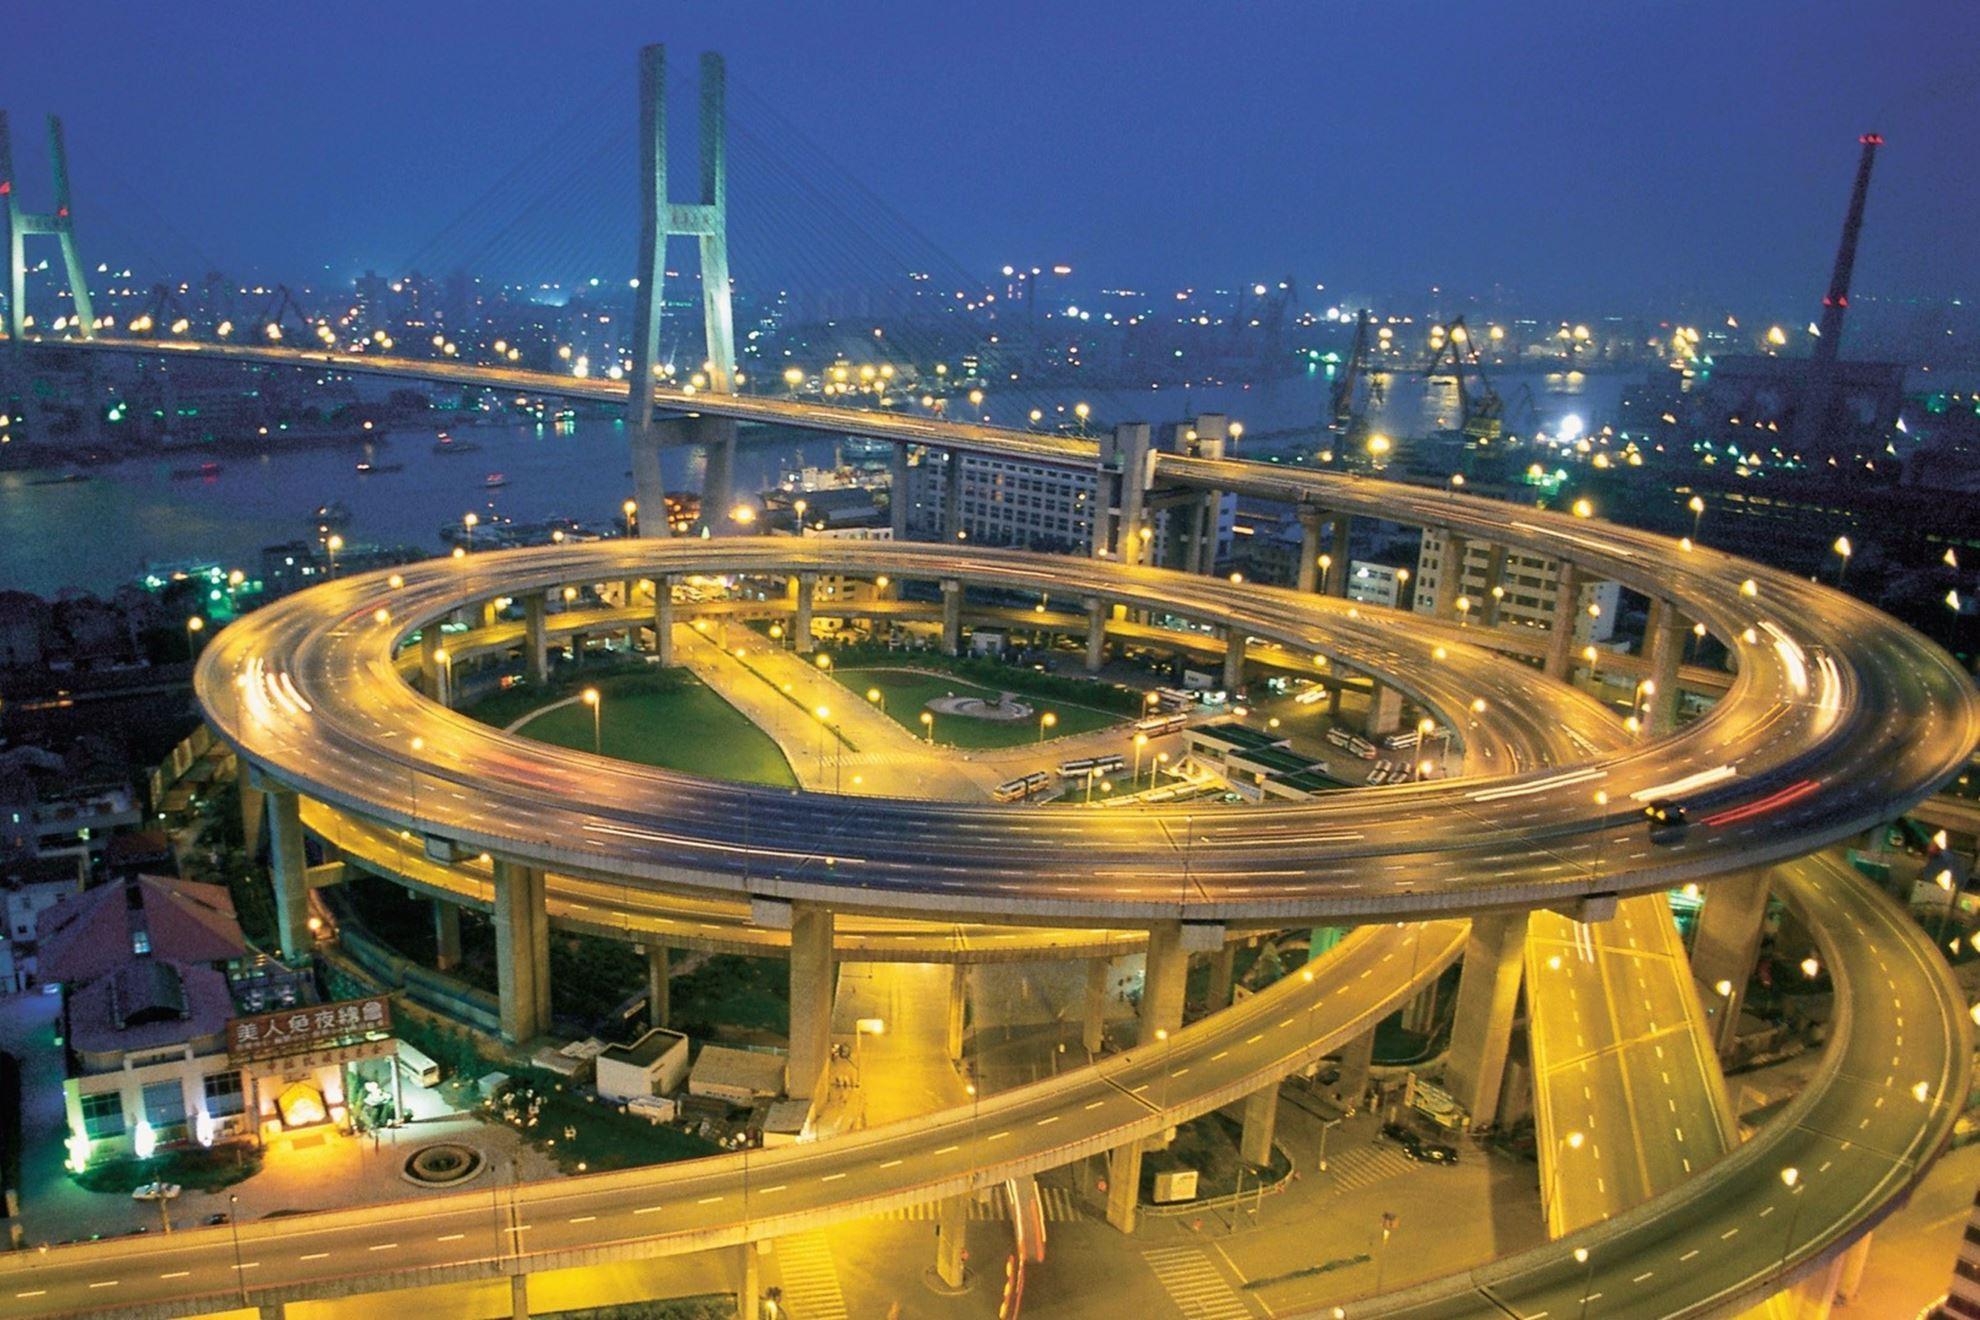 thành phố khởi nghiệp Bắc Kinh (Trung Quốc)